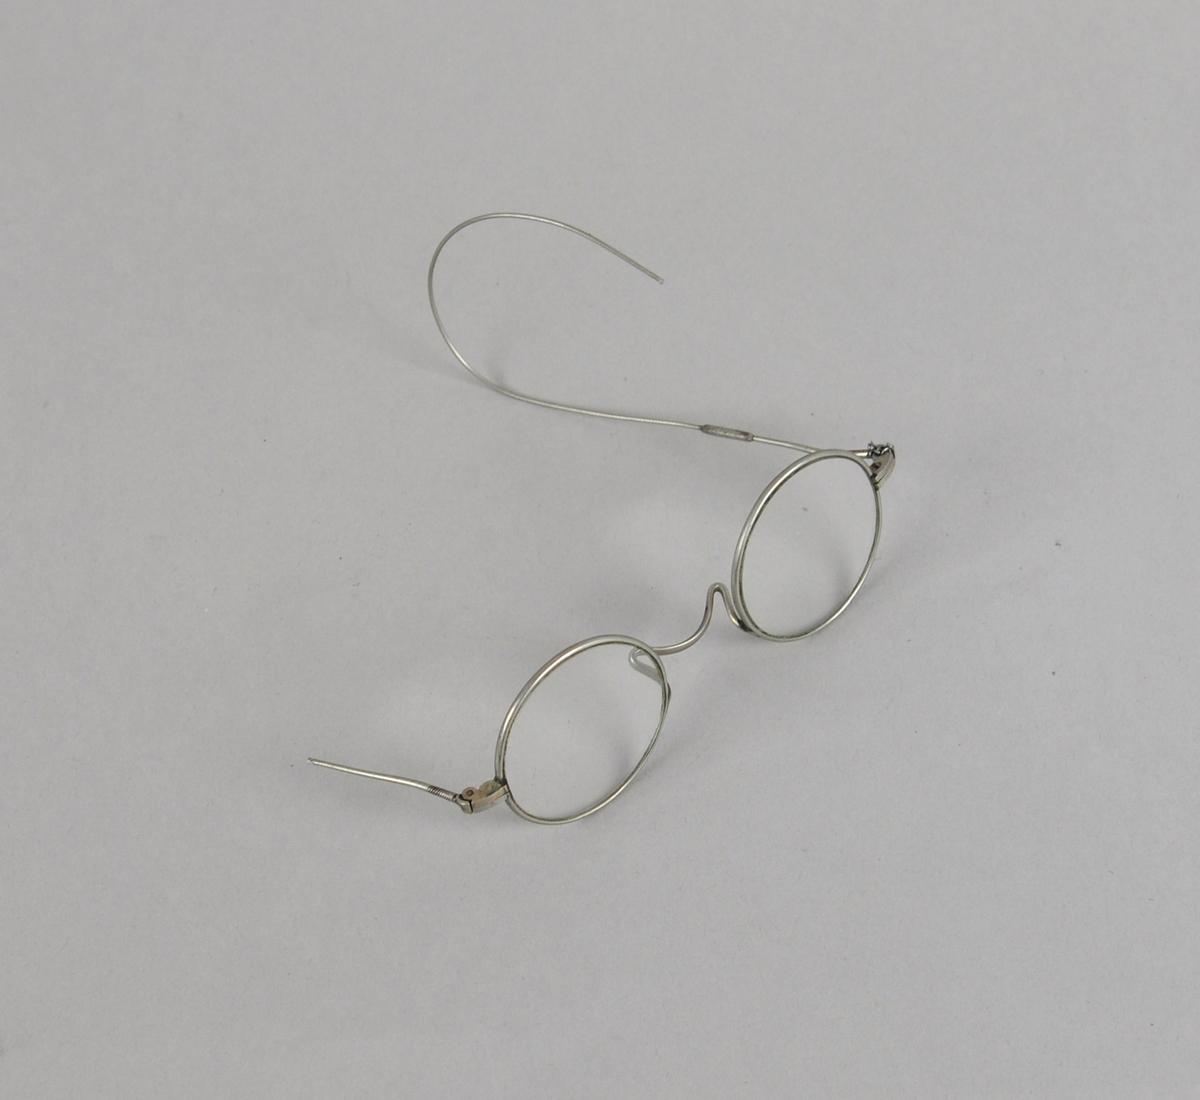 Runde briller med metallinnfatning. Den ene brillestangen er knekt, den andre er  er buet rundt øret.